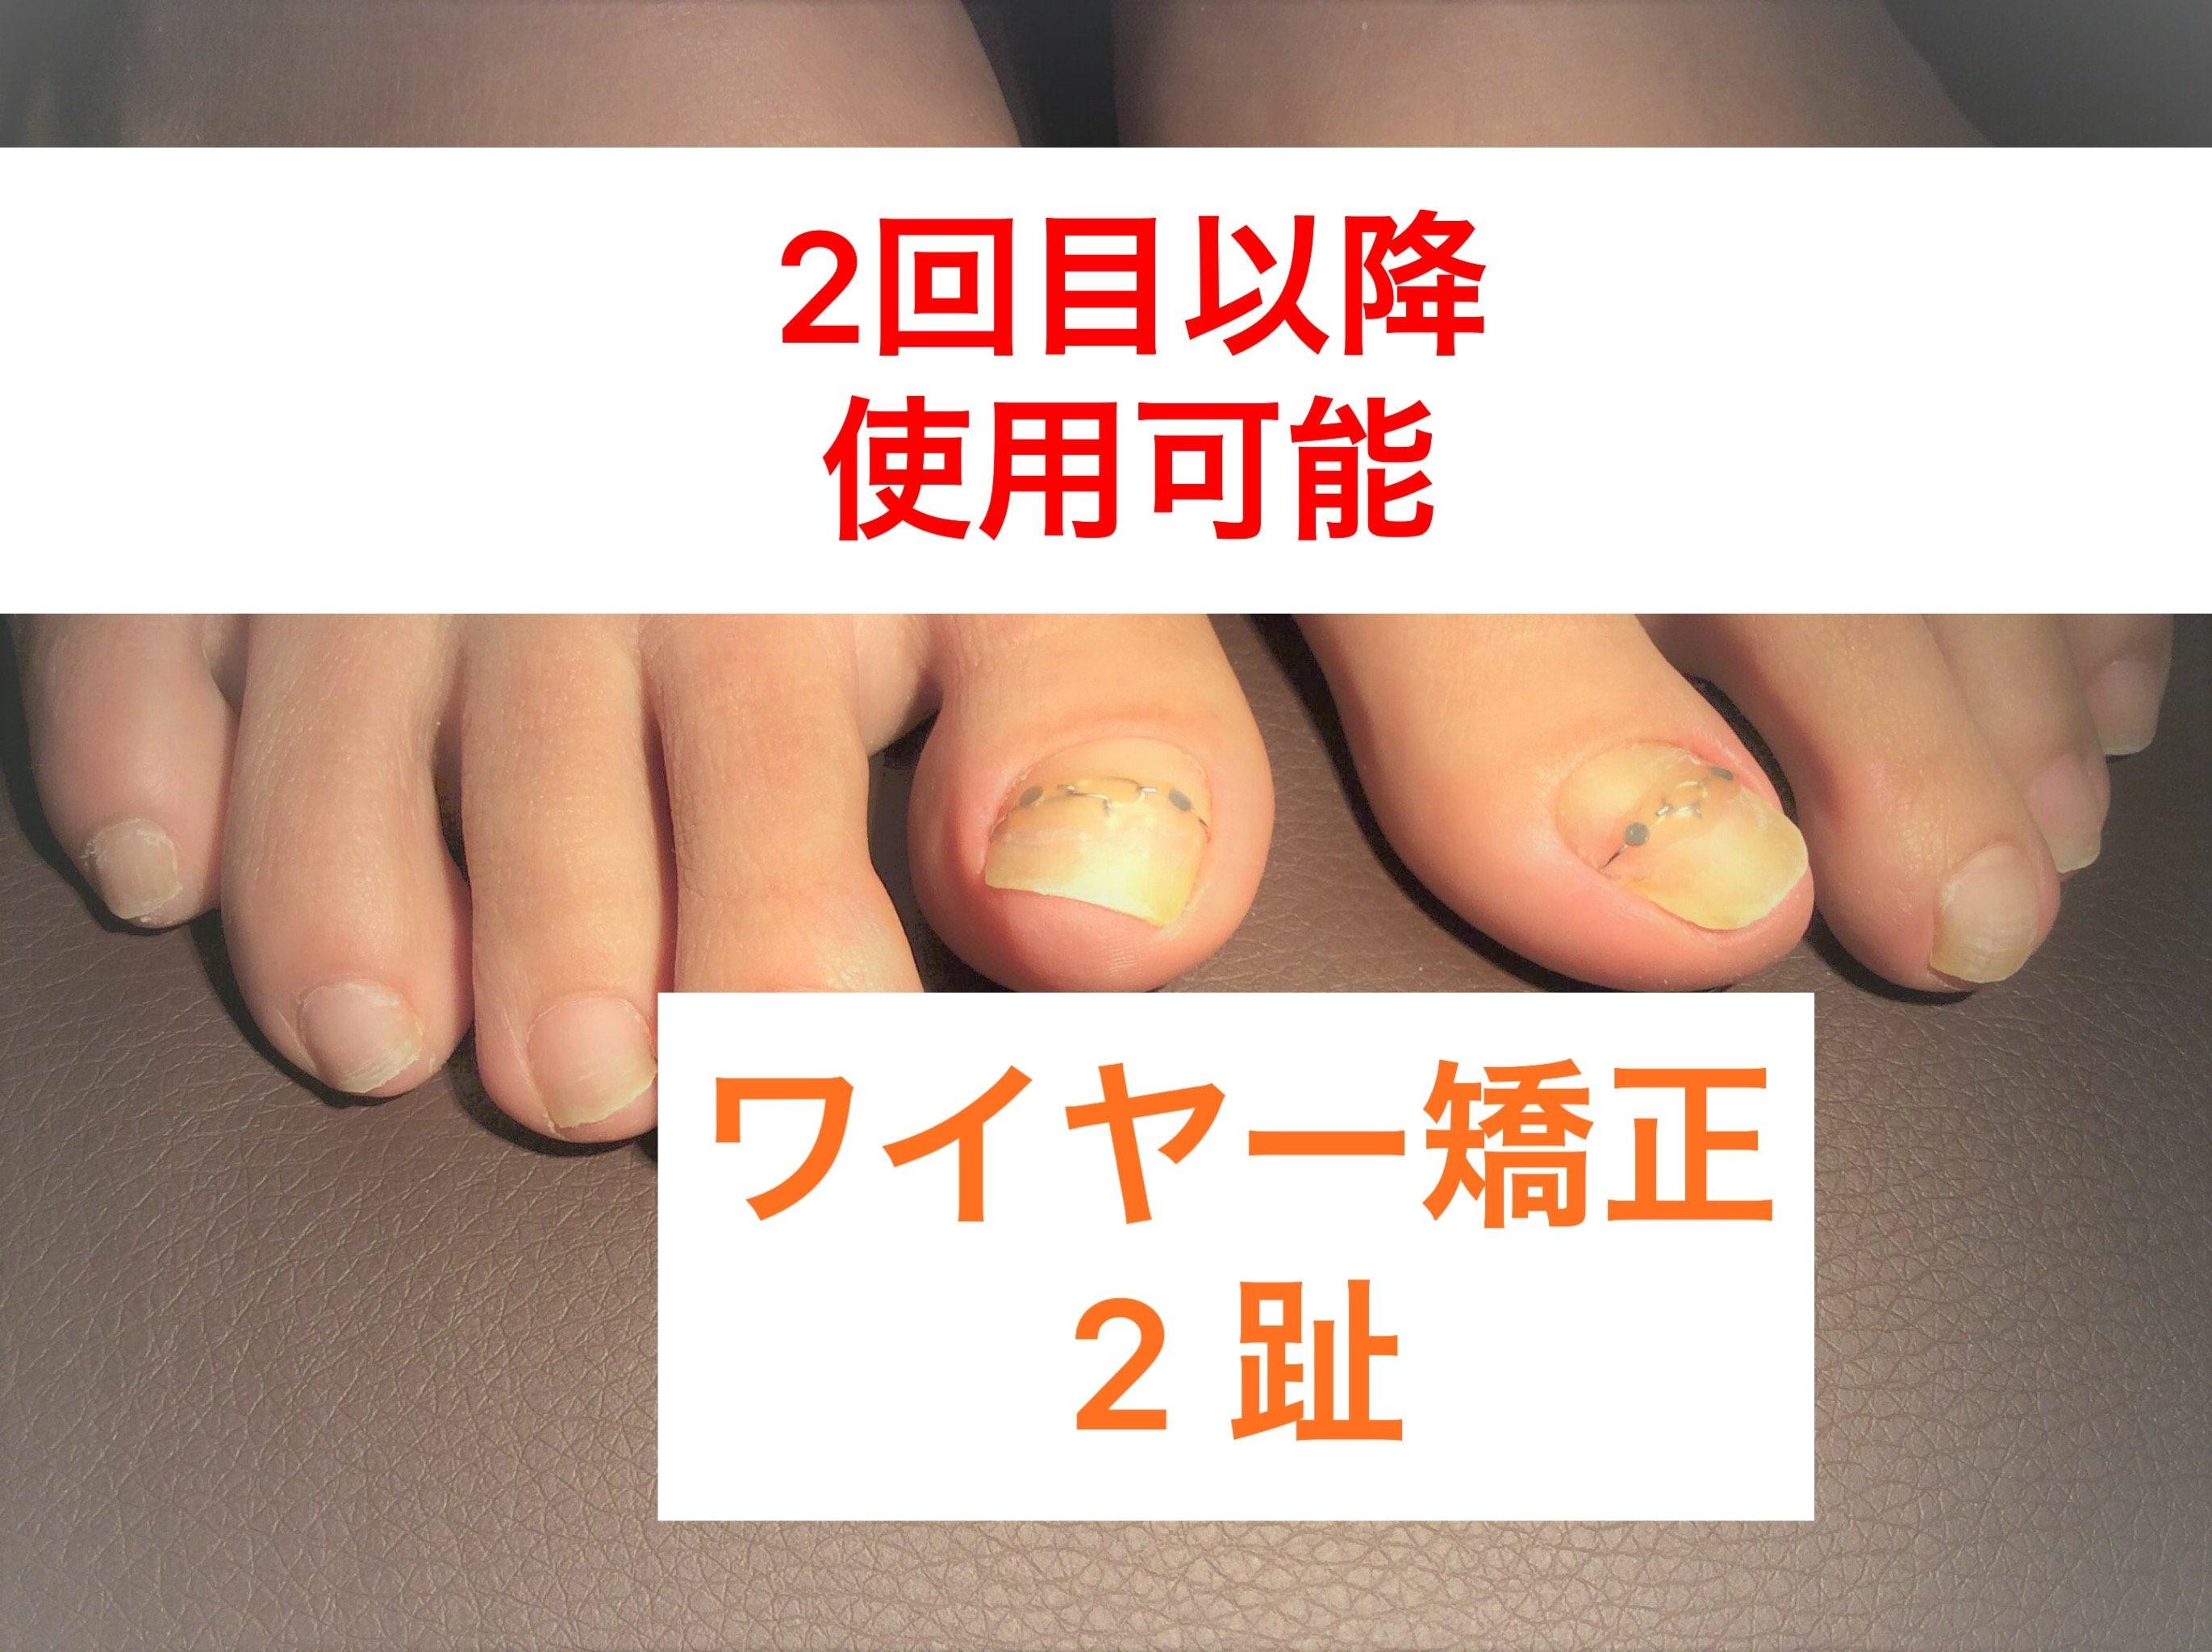 二指 ワイヤー矯正 【二回目以降使用可能クーポン】神戸三宮の巻き爪ケア のイメージその1